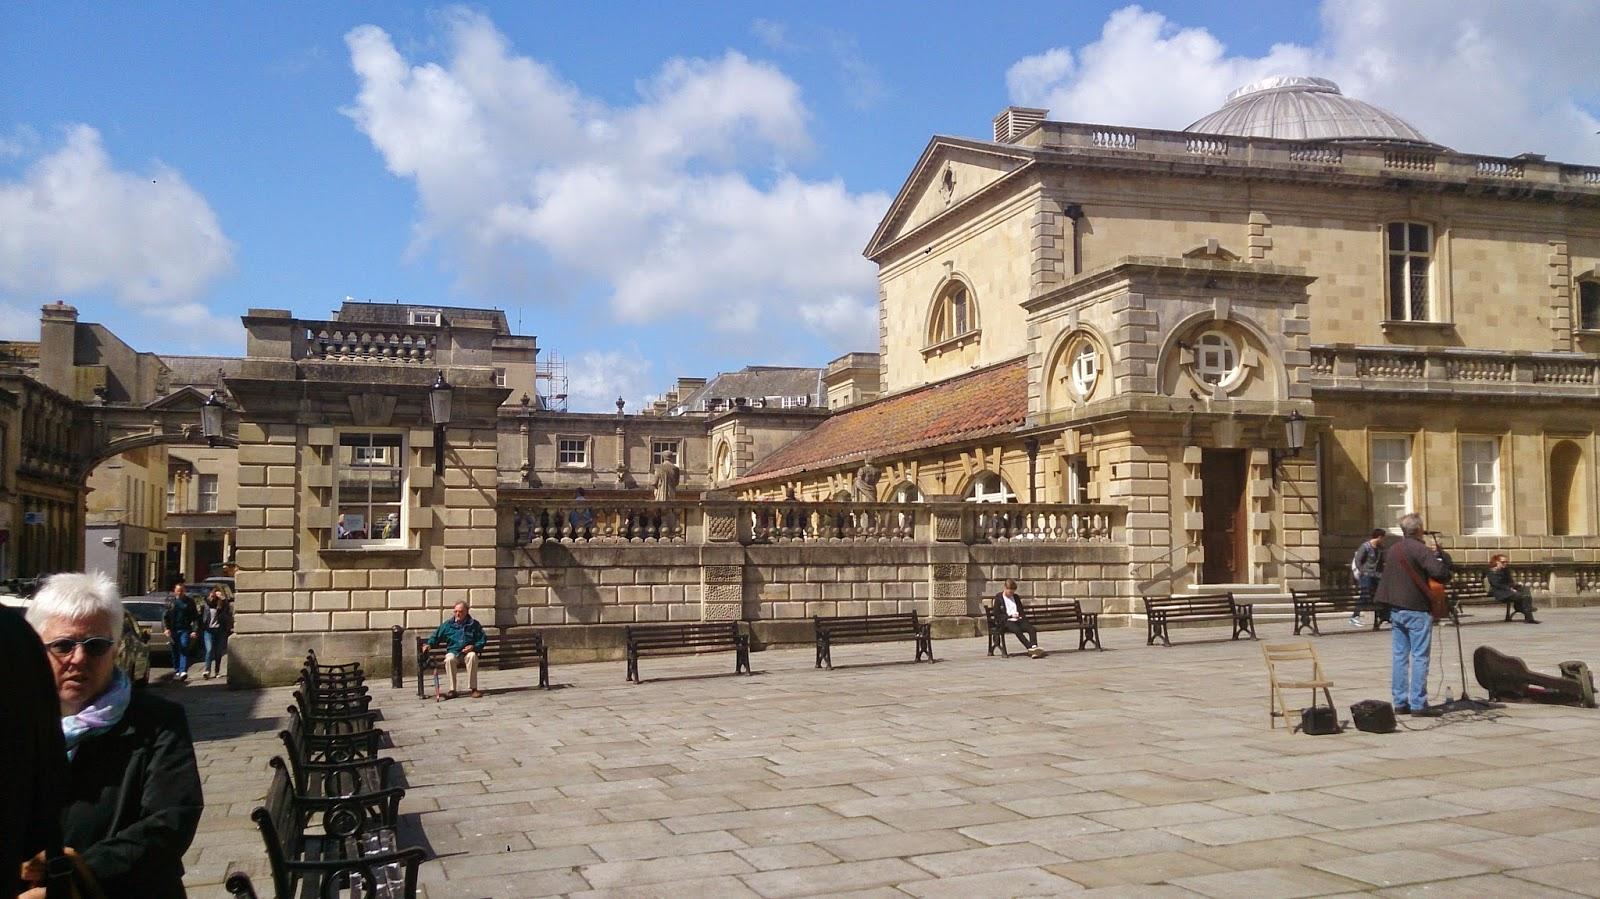 英國 單車 足球 聚舊之旅 Roman Bath 外圍廣場